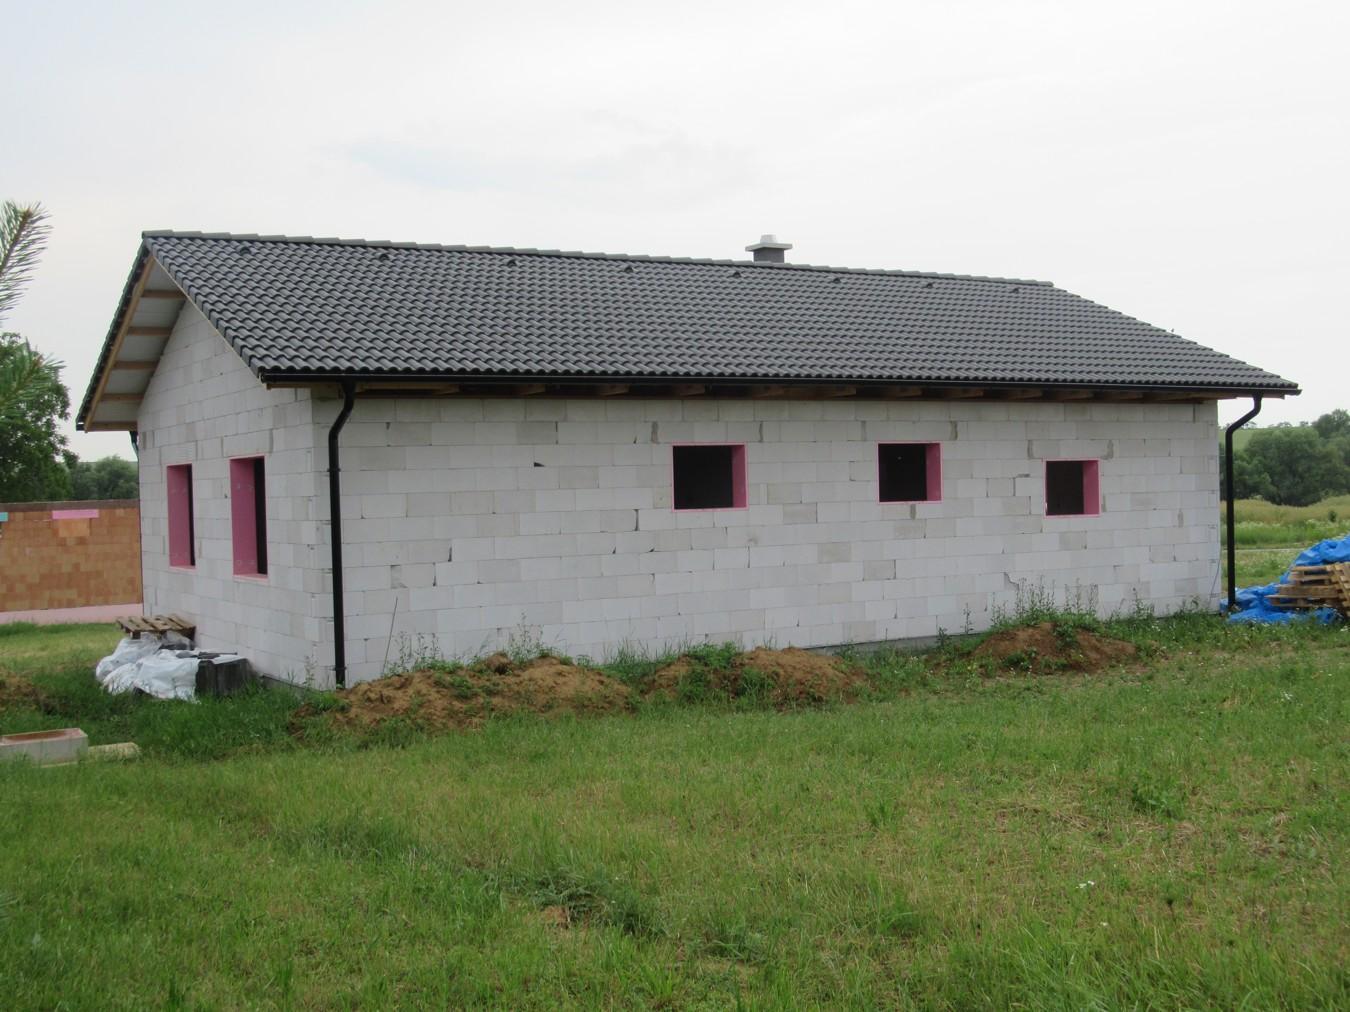 Väzníková strecha na kľúč s krytinou Terran Danubia Colorsystém Antracit Klasov okr. Nitra - Obrázok č. 2